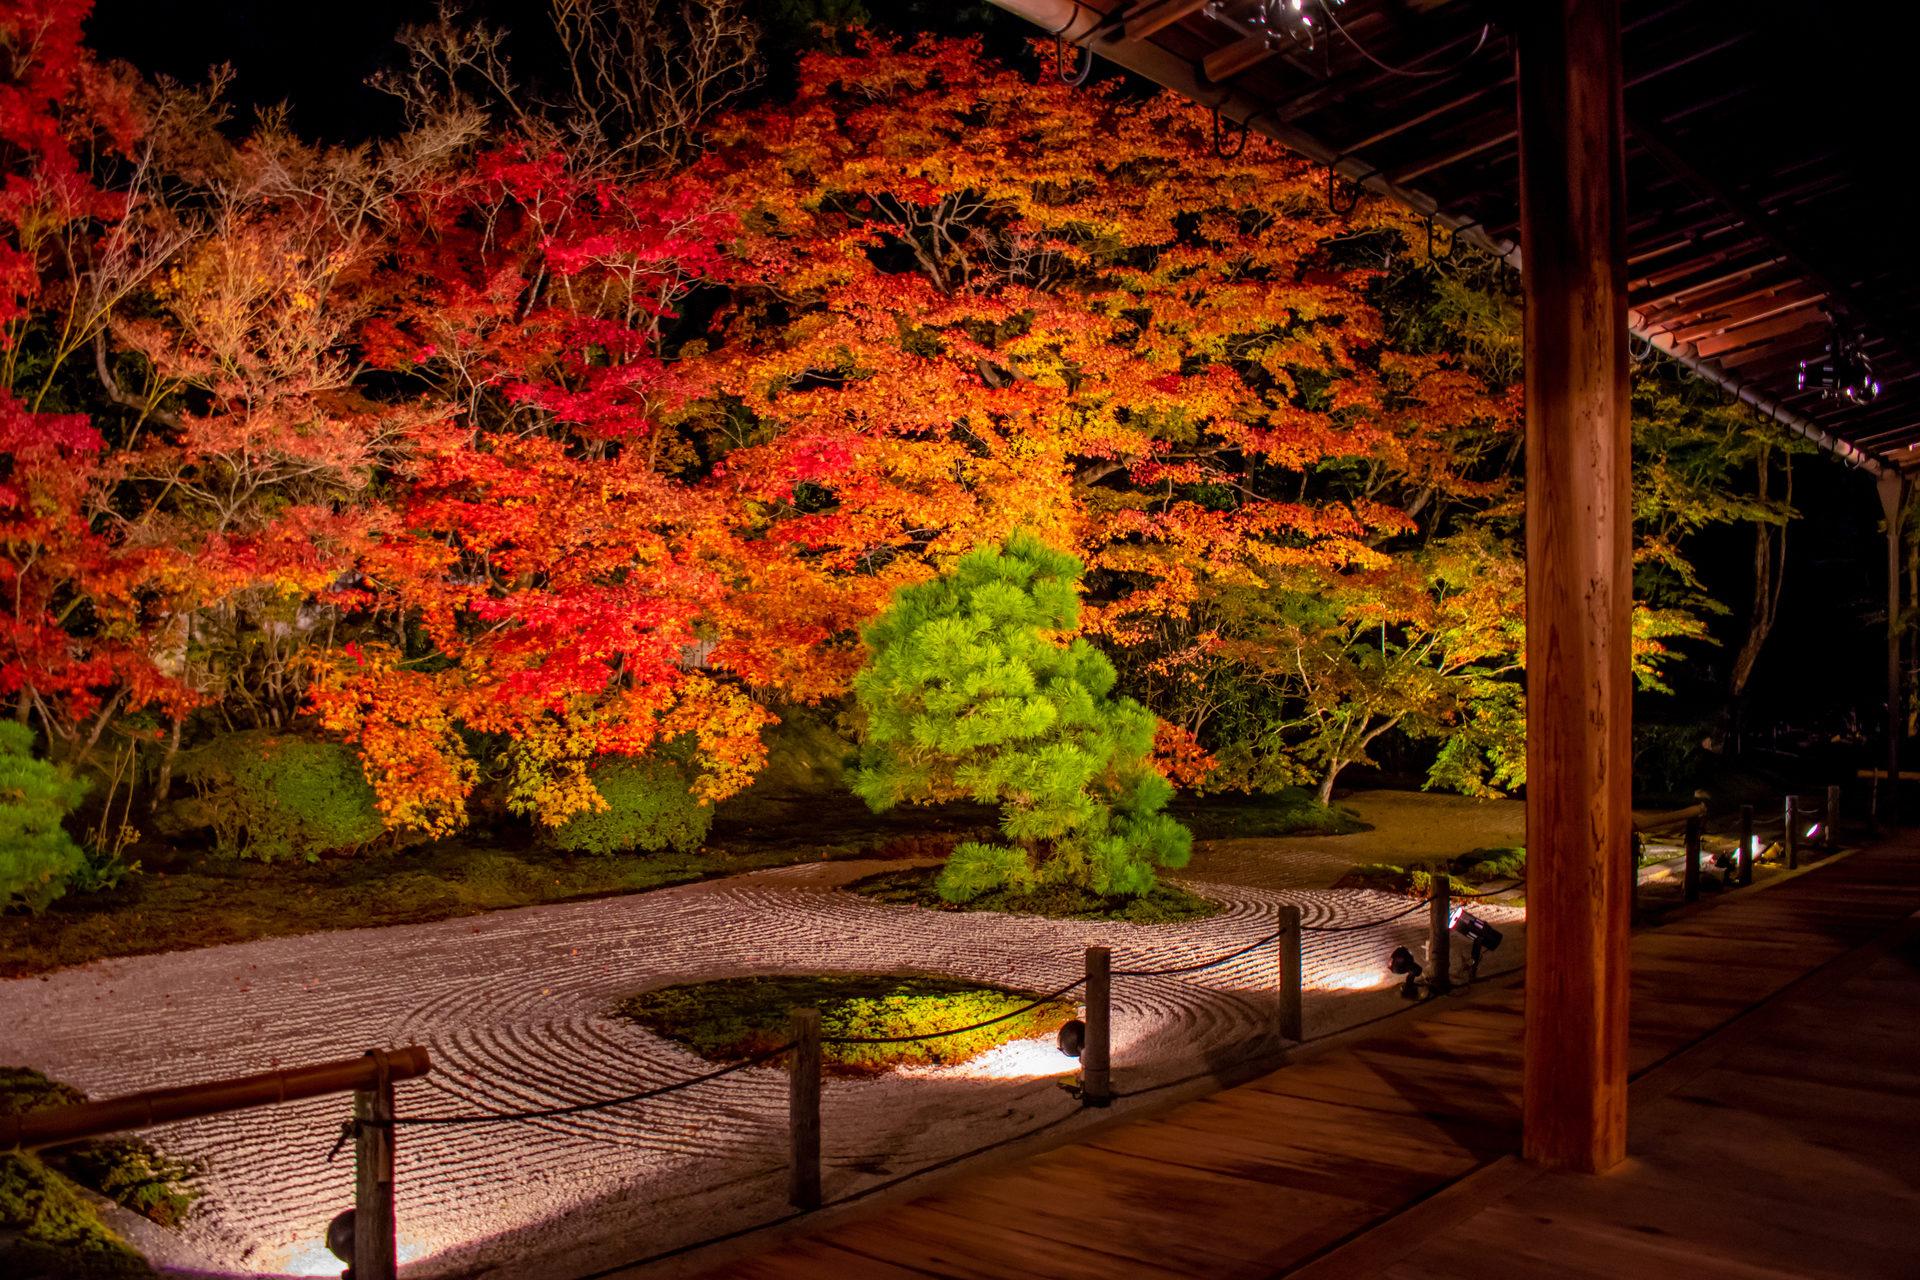 南禅寺-天授庵-秋のライトアップ